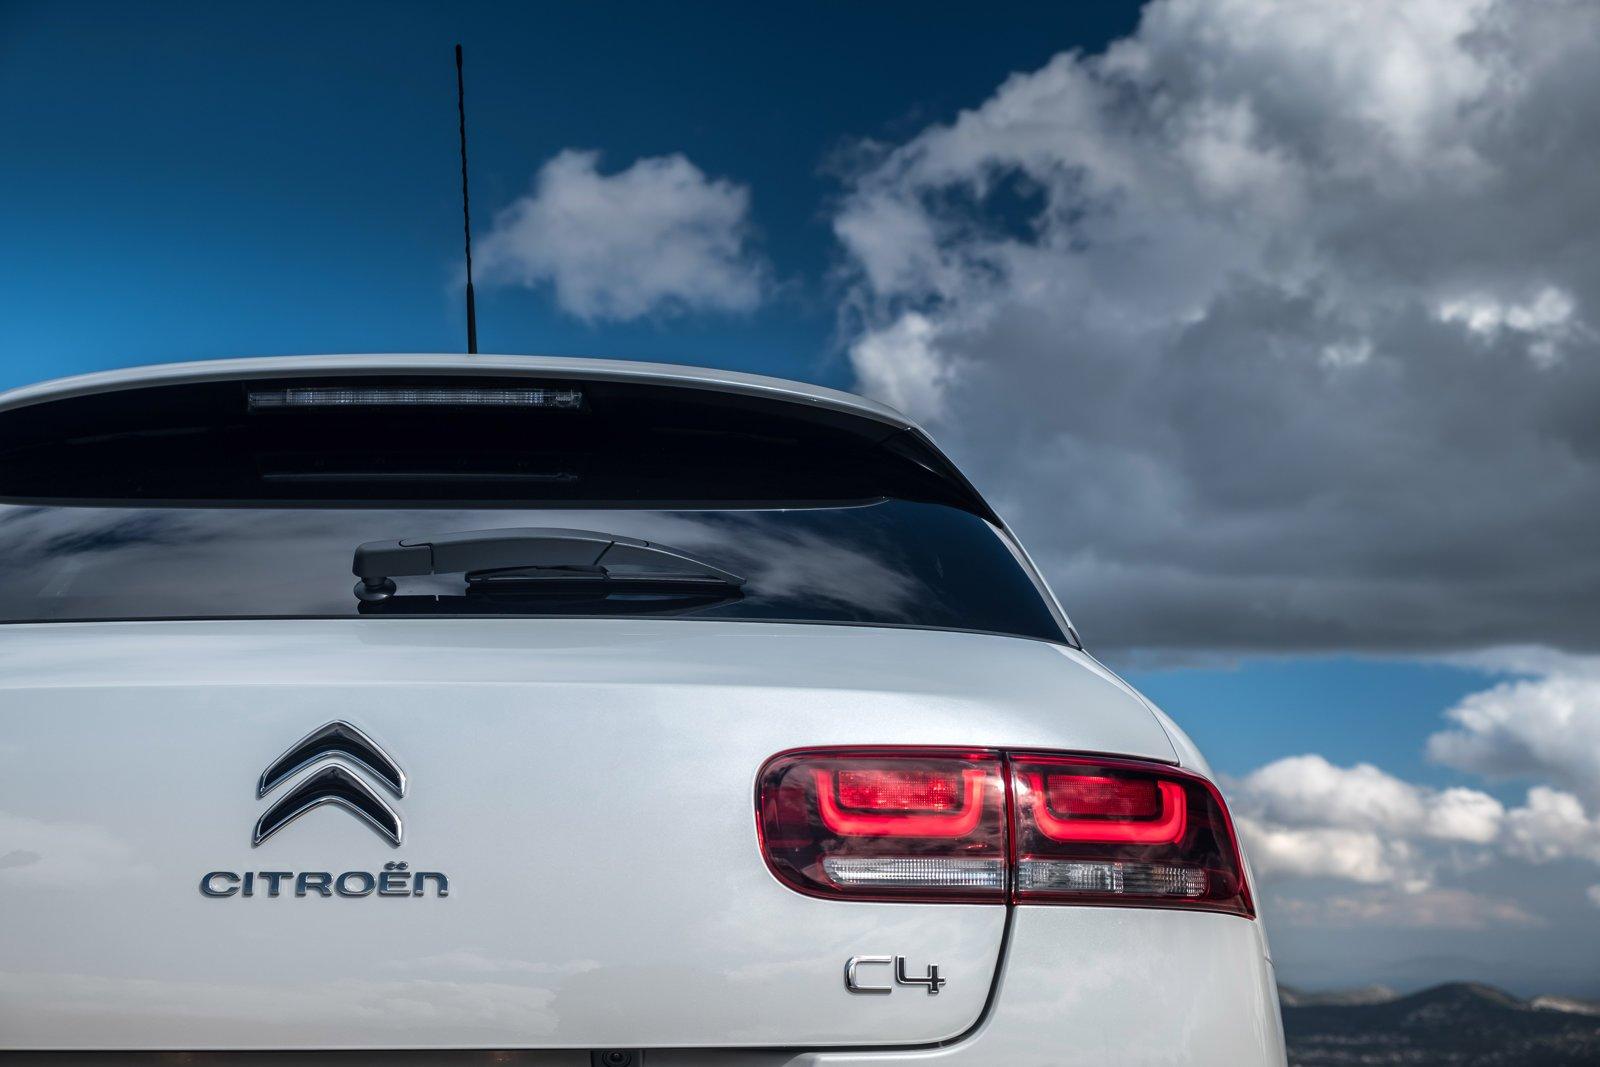 Οδηγούμε επί ελληνικού εδάφους το νέο Citroen C4 Cactus που θέτει νέα δεδομένα στην κατηγορία του